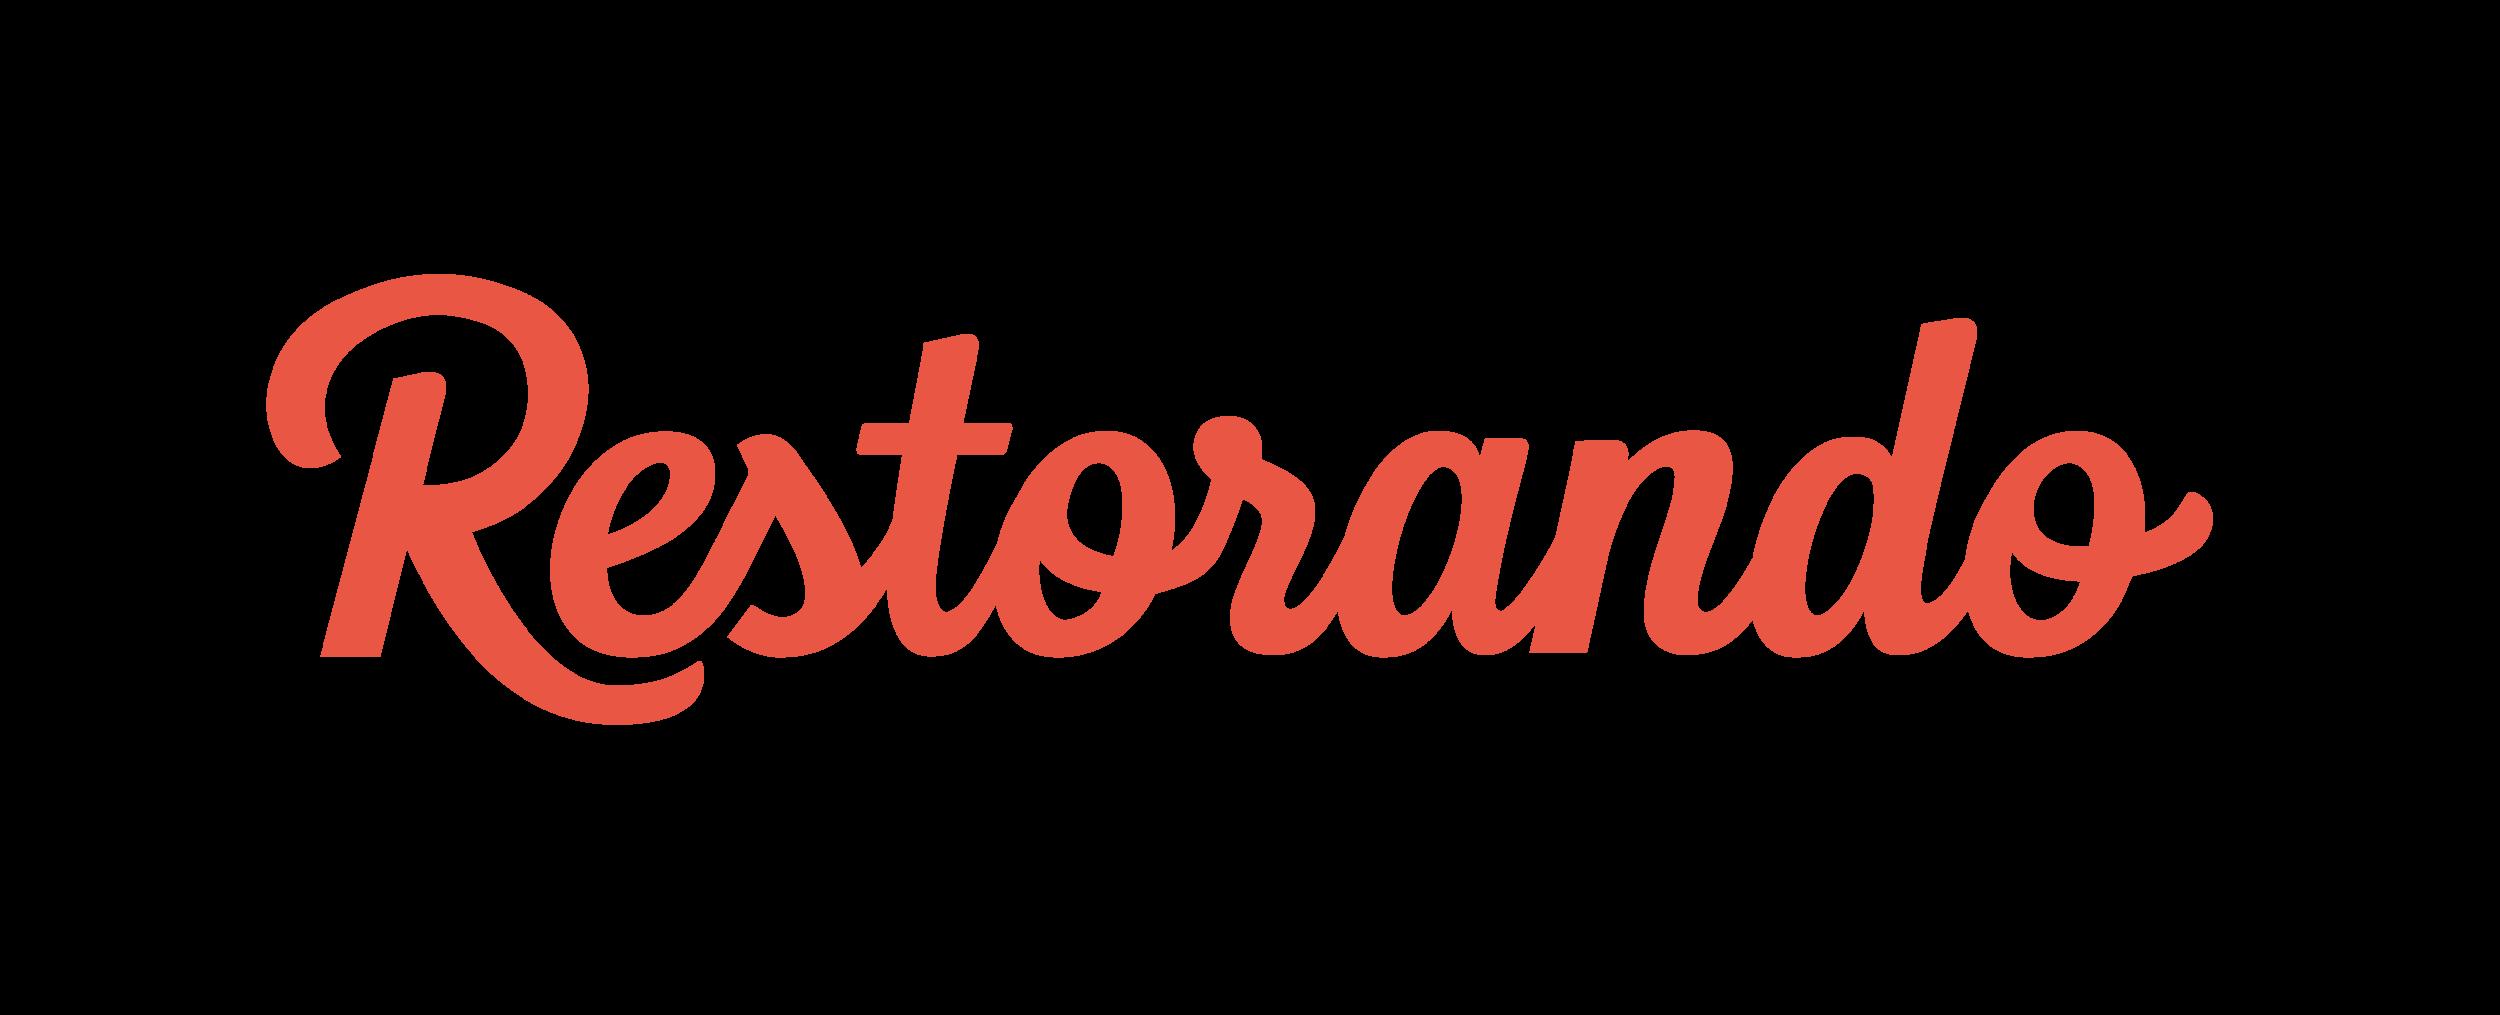 Restorando Logo Transparente.png